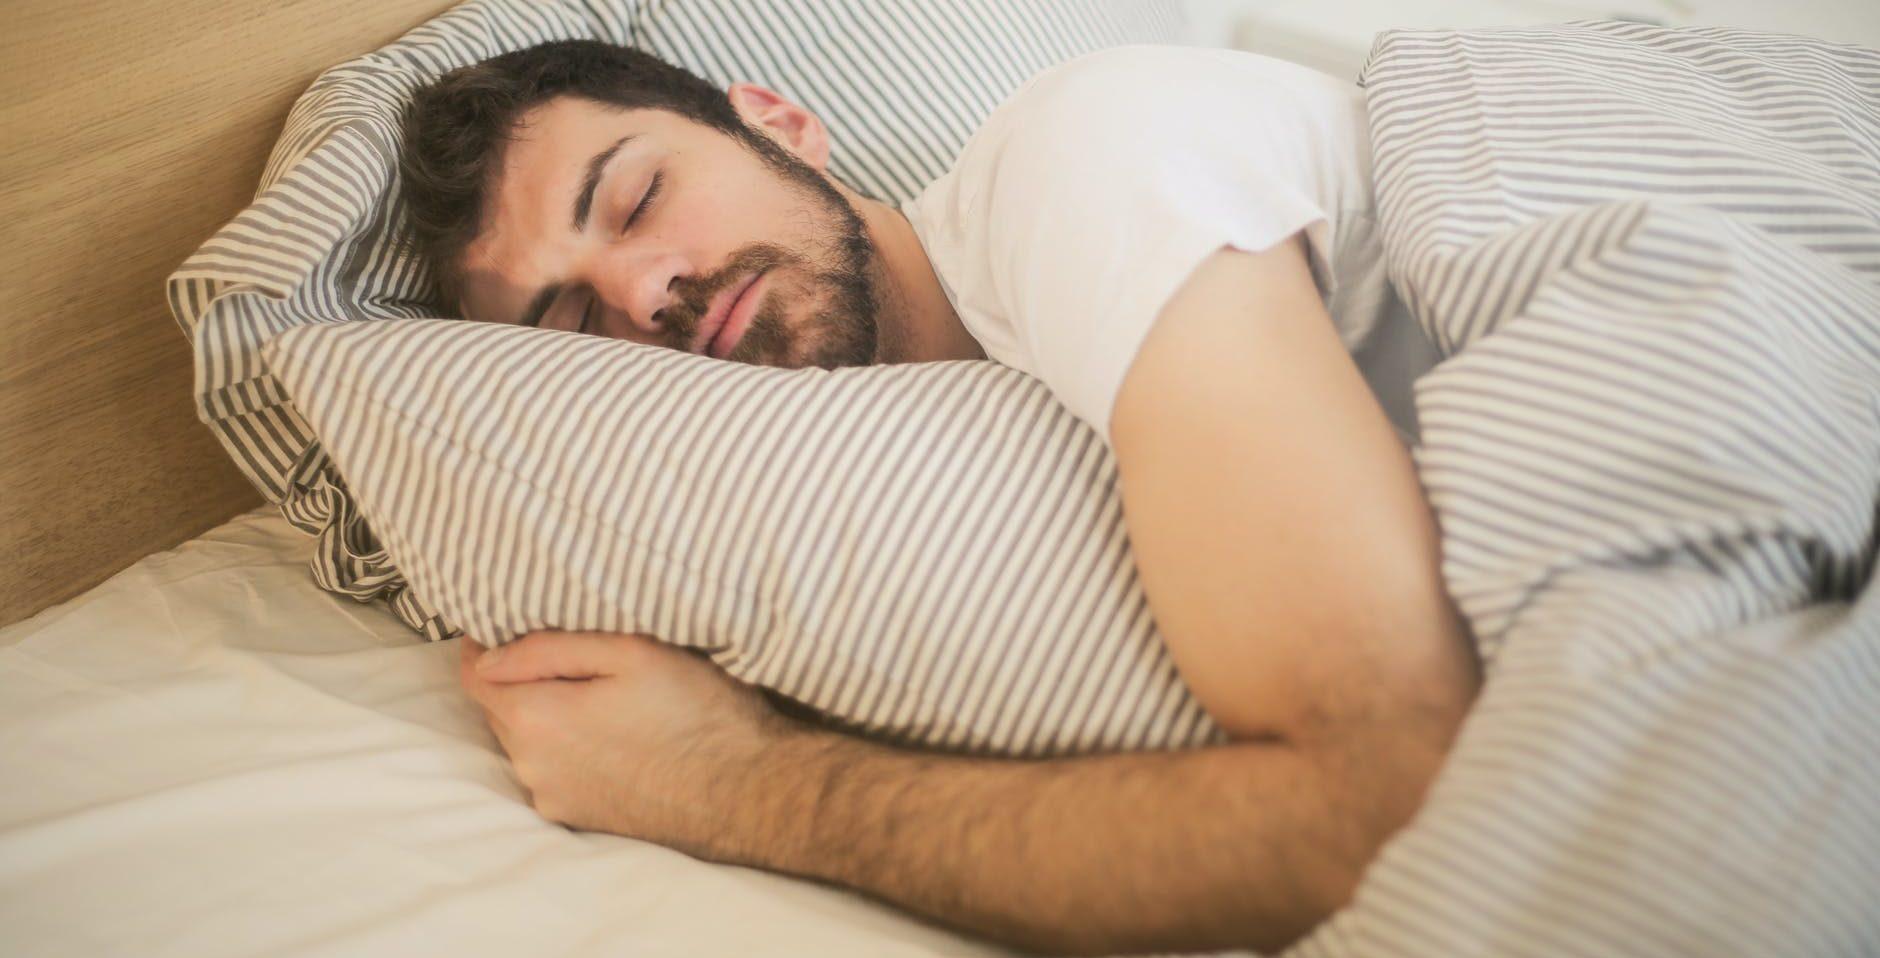 farmaciabeatrizcastellanos-problemas-insomnio